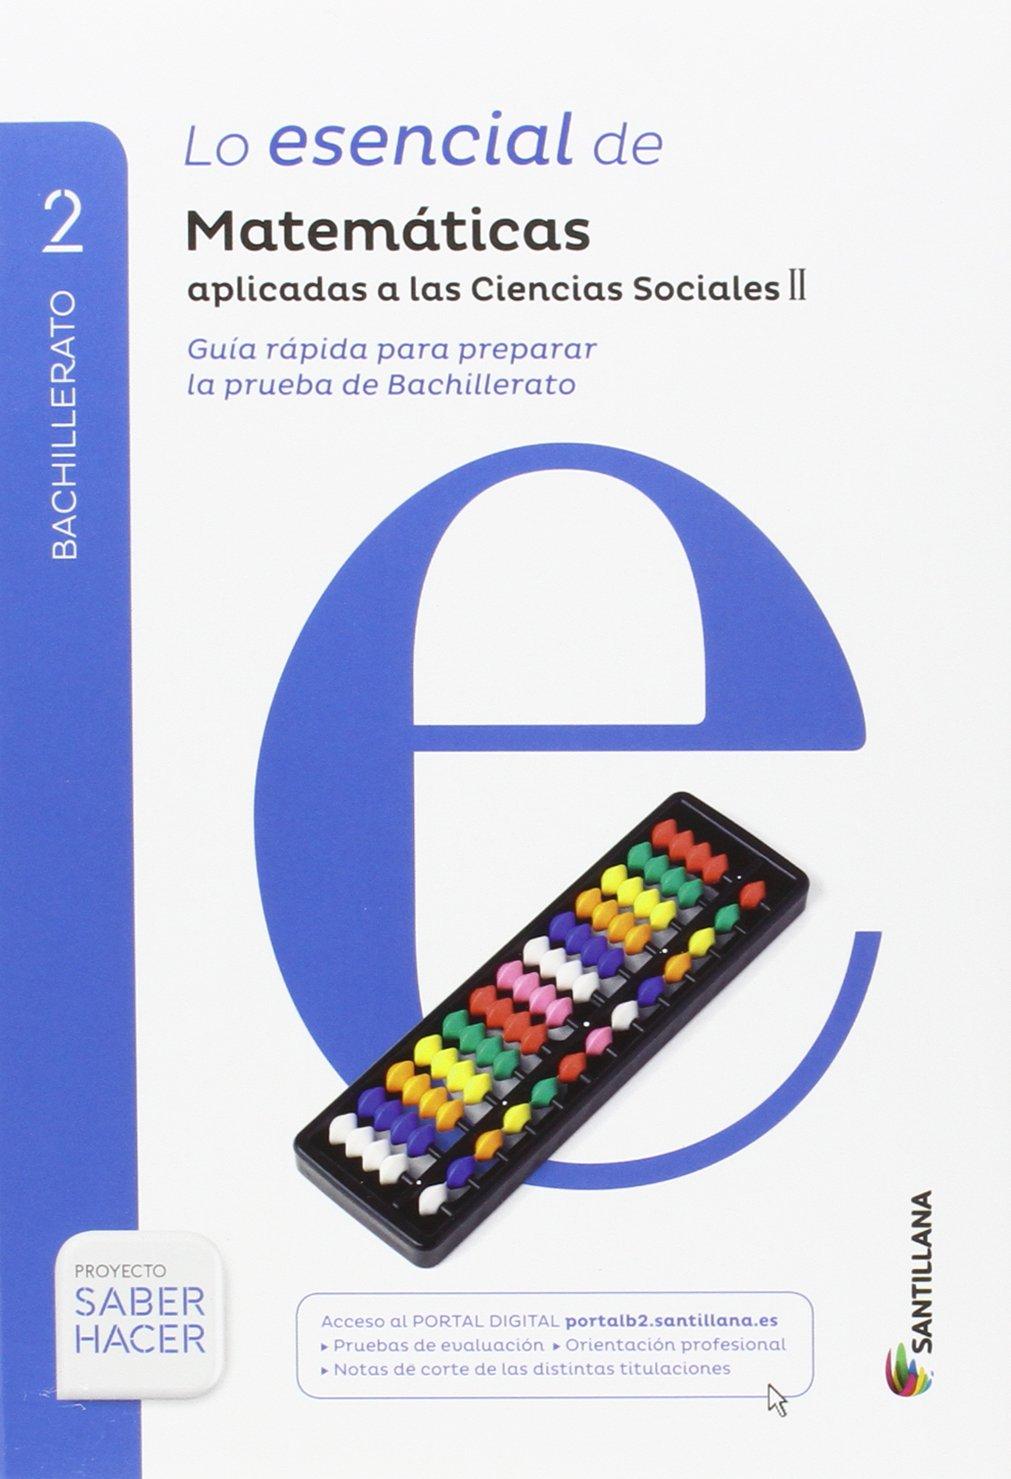 MATEMATICAS APLICADAS A LAS CIENCIAS SOCIALES II SERIE RESUELVE 2 BTO SABER HACER - 9788414102022: Amazon.es: Vv.Aa.: Libros